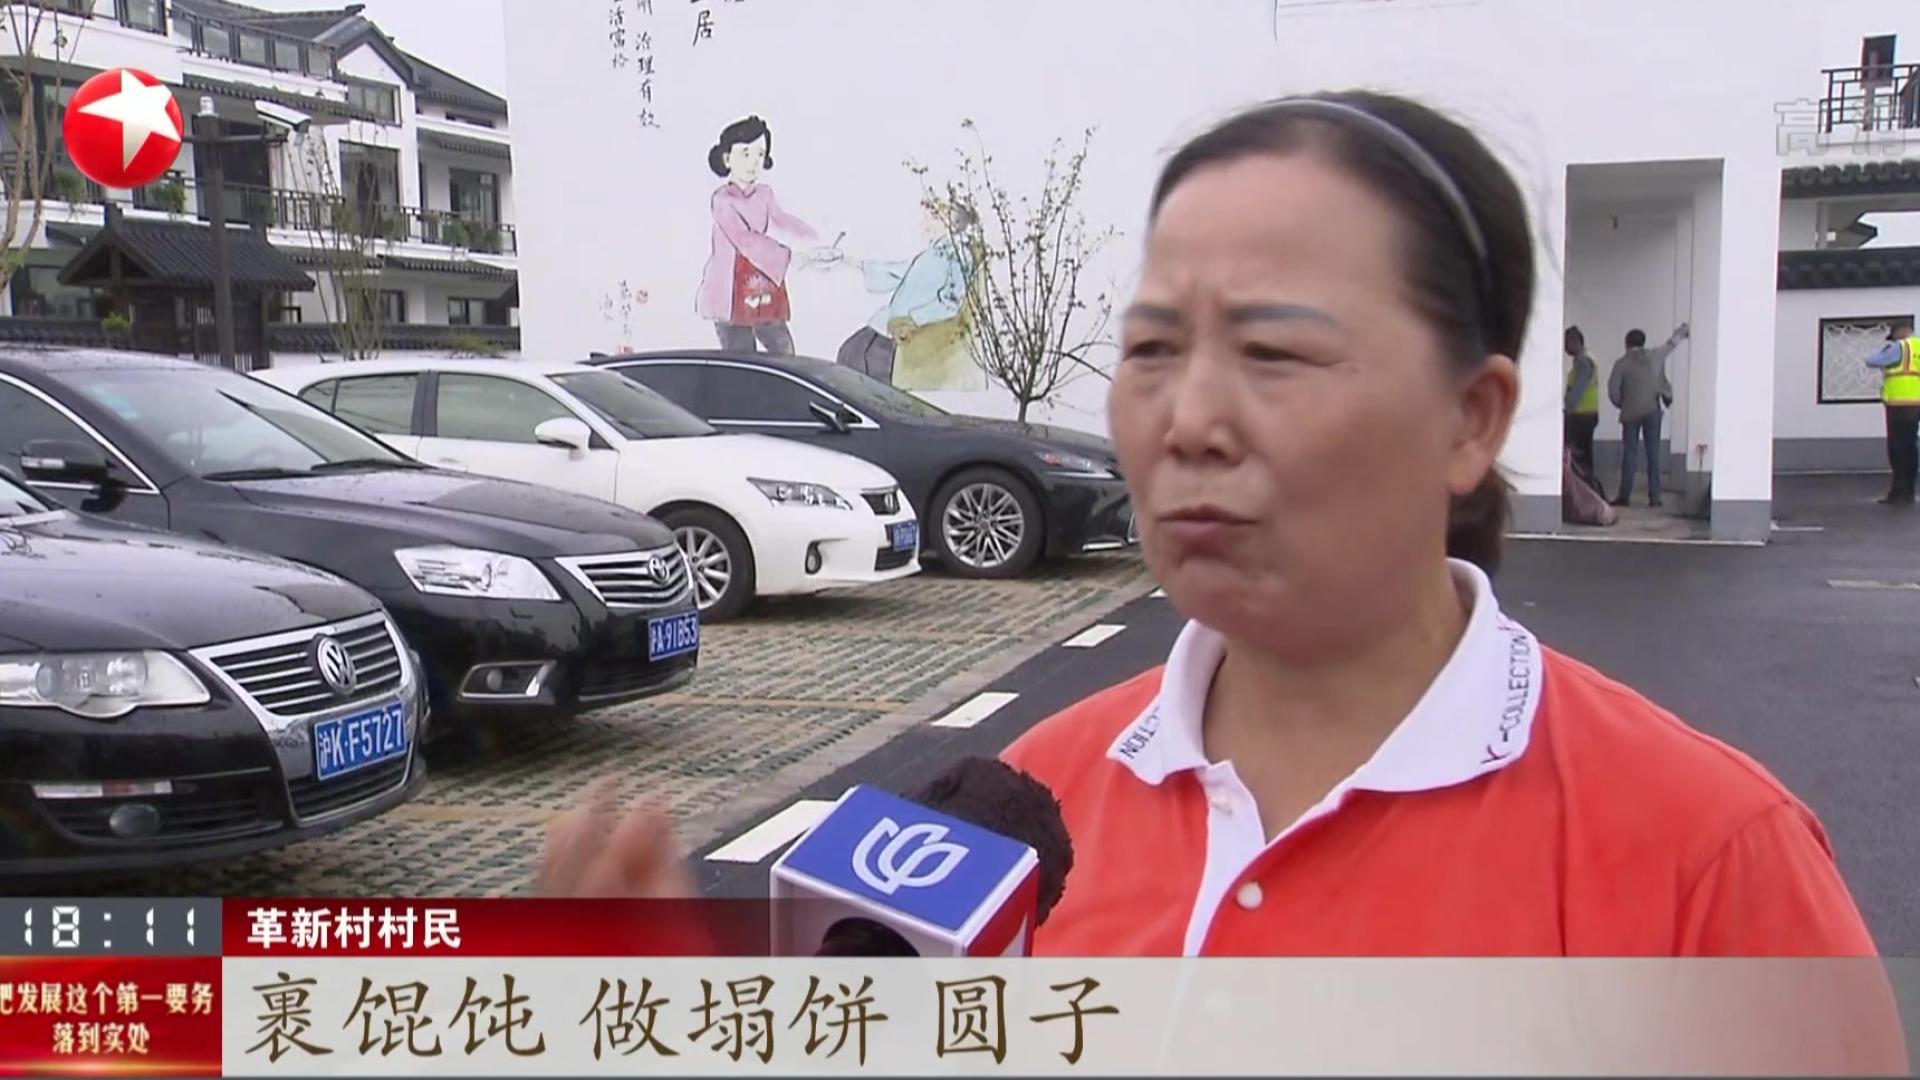 上海:打造乡村振兴示范  革新村唱响都市田园牧歌